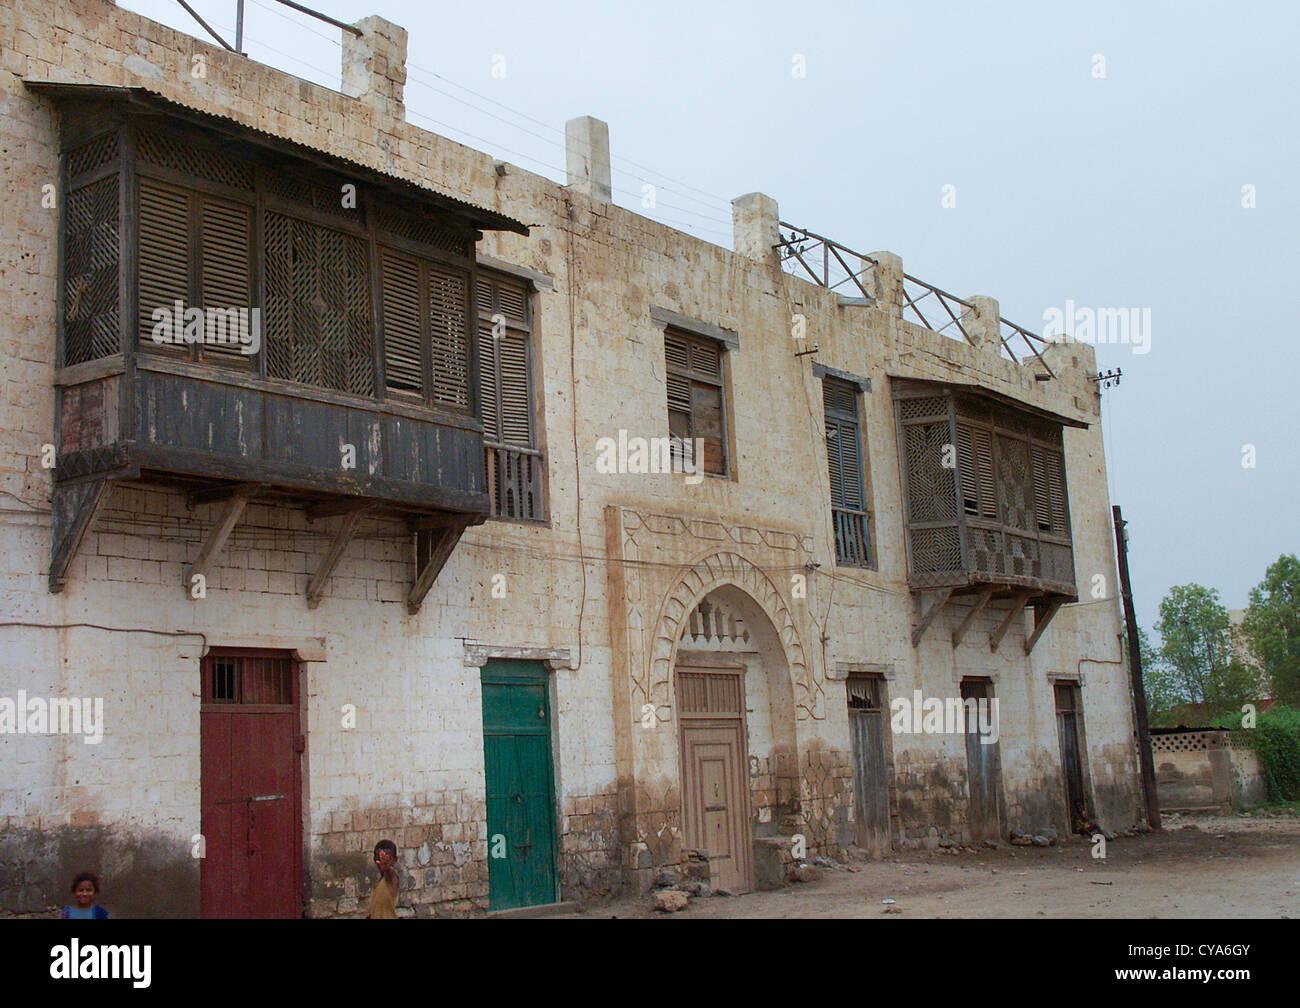 Wandleuchten in einem osmanischen Gebäude In Massawa, Eritrea Stockfoto